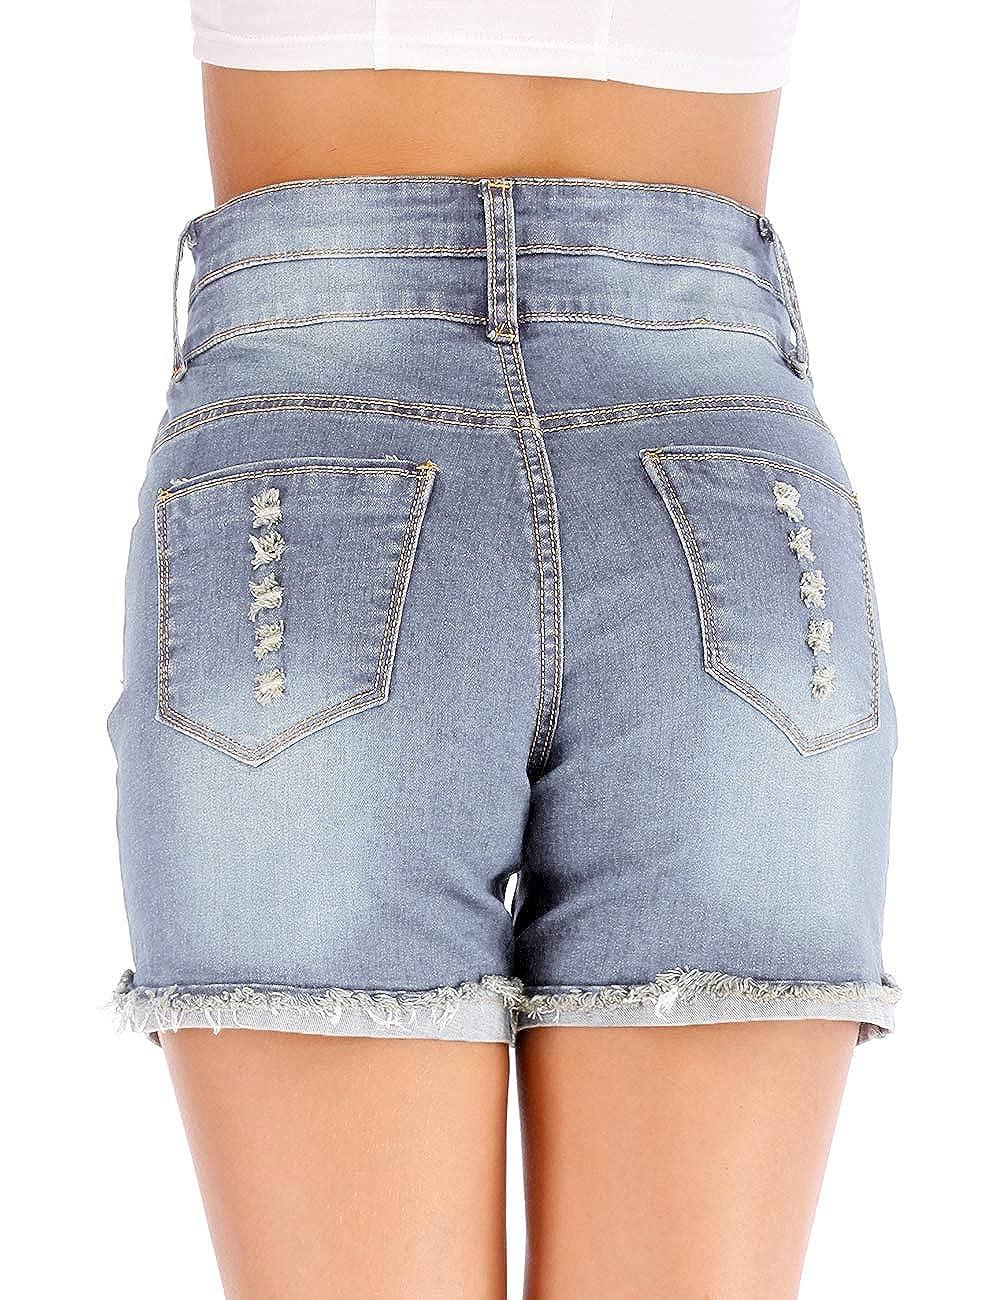 Amazon.com: Haola pantalones cortos de mezclilla con ...